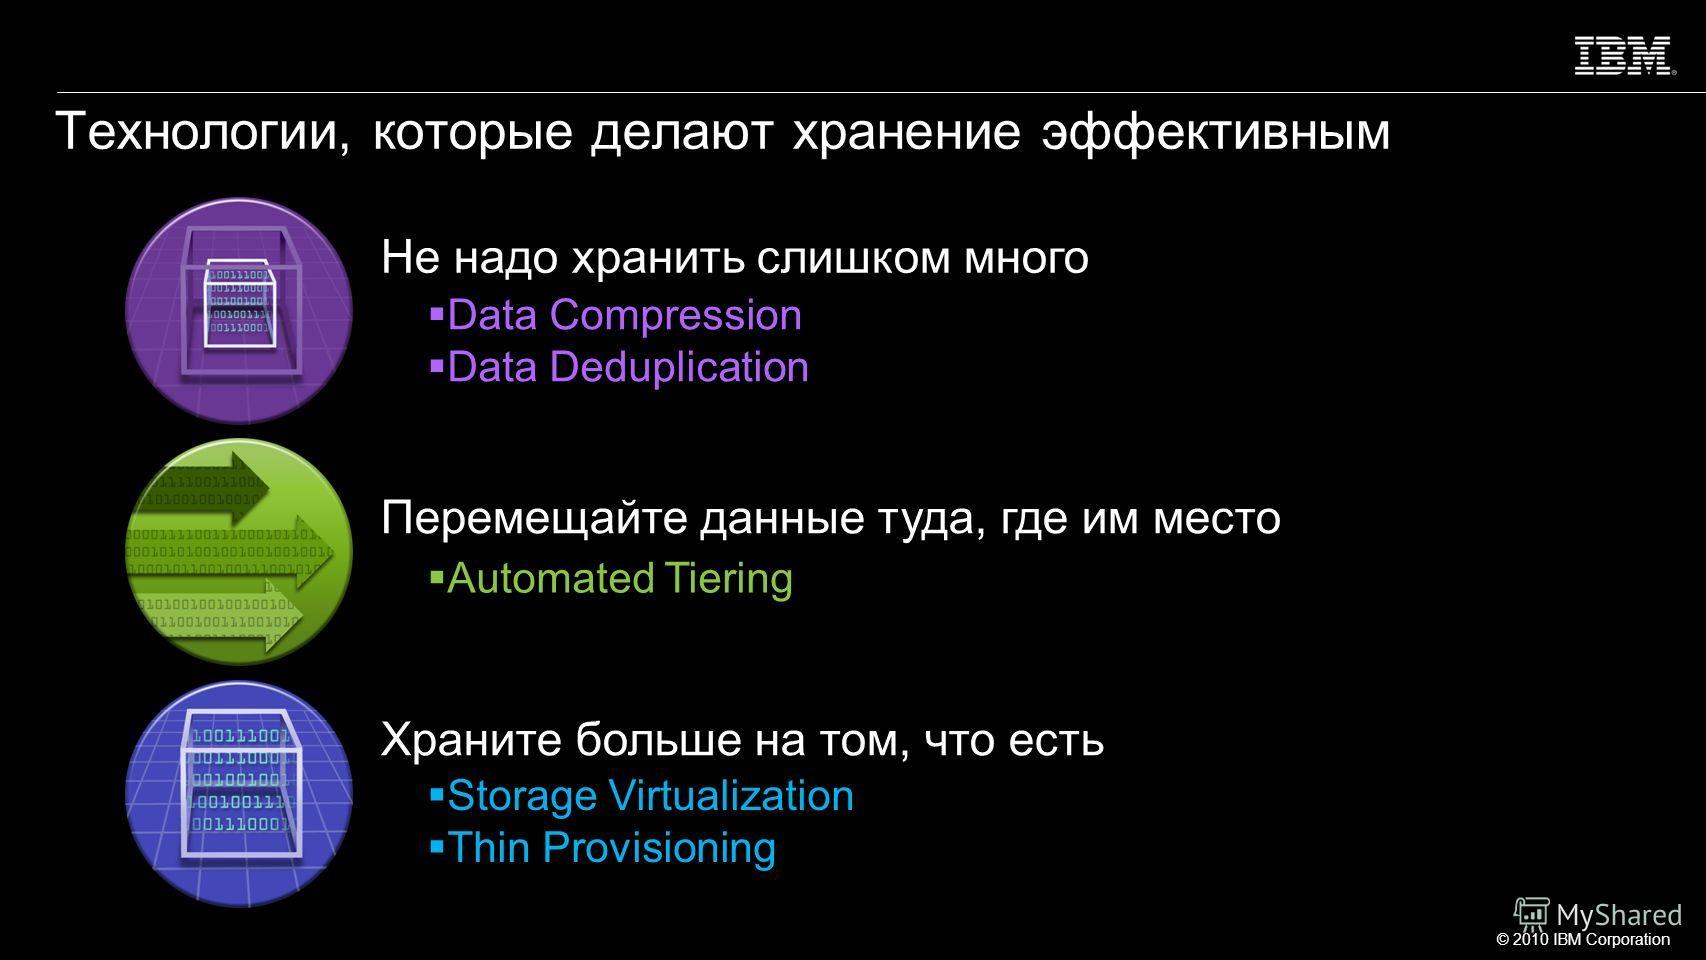 © 2010 IBM Corporation 4 Storage Virtualization Thin Provisioning Data Compression Data Deduplication Automated Tiering Перемещайте данные туда, где им место Храните больше на том, что есть Не надо хранить слишком много Технологии, которые делают хра